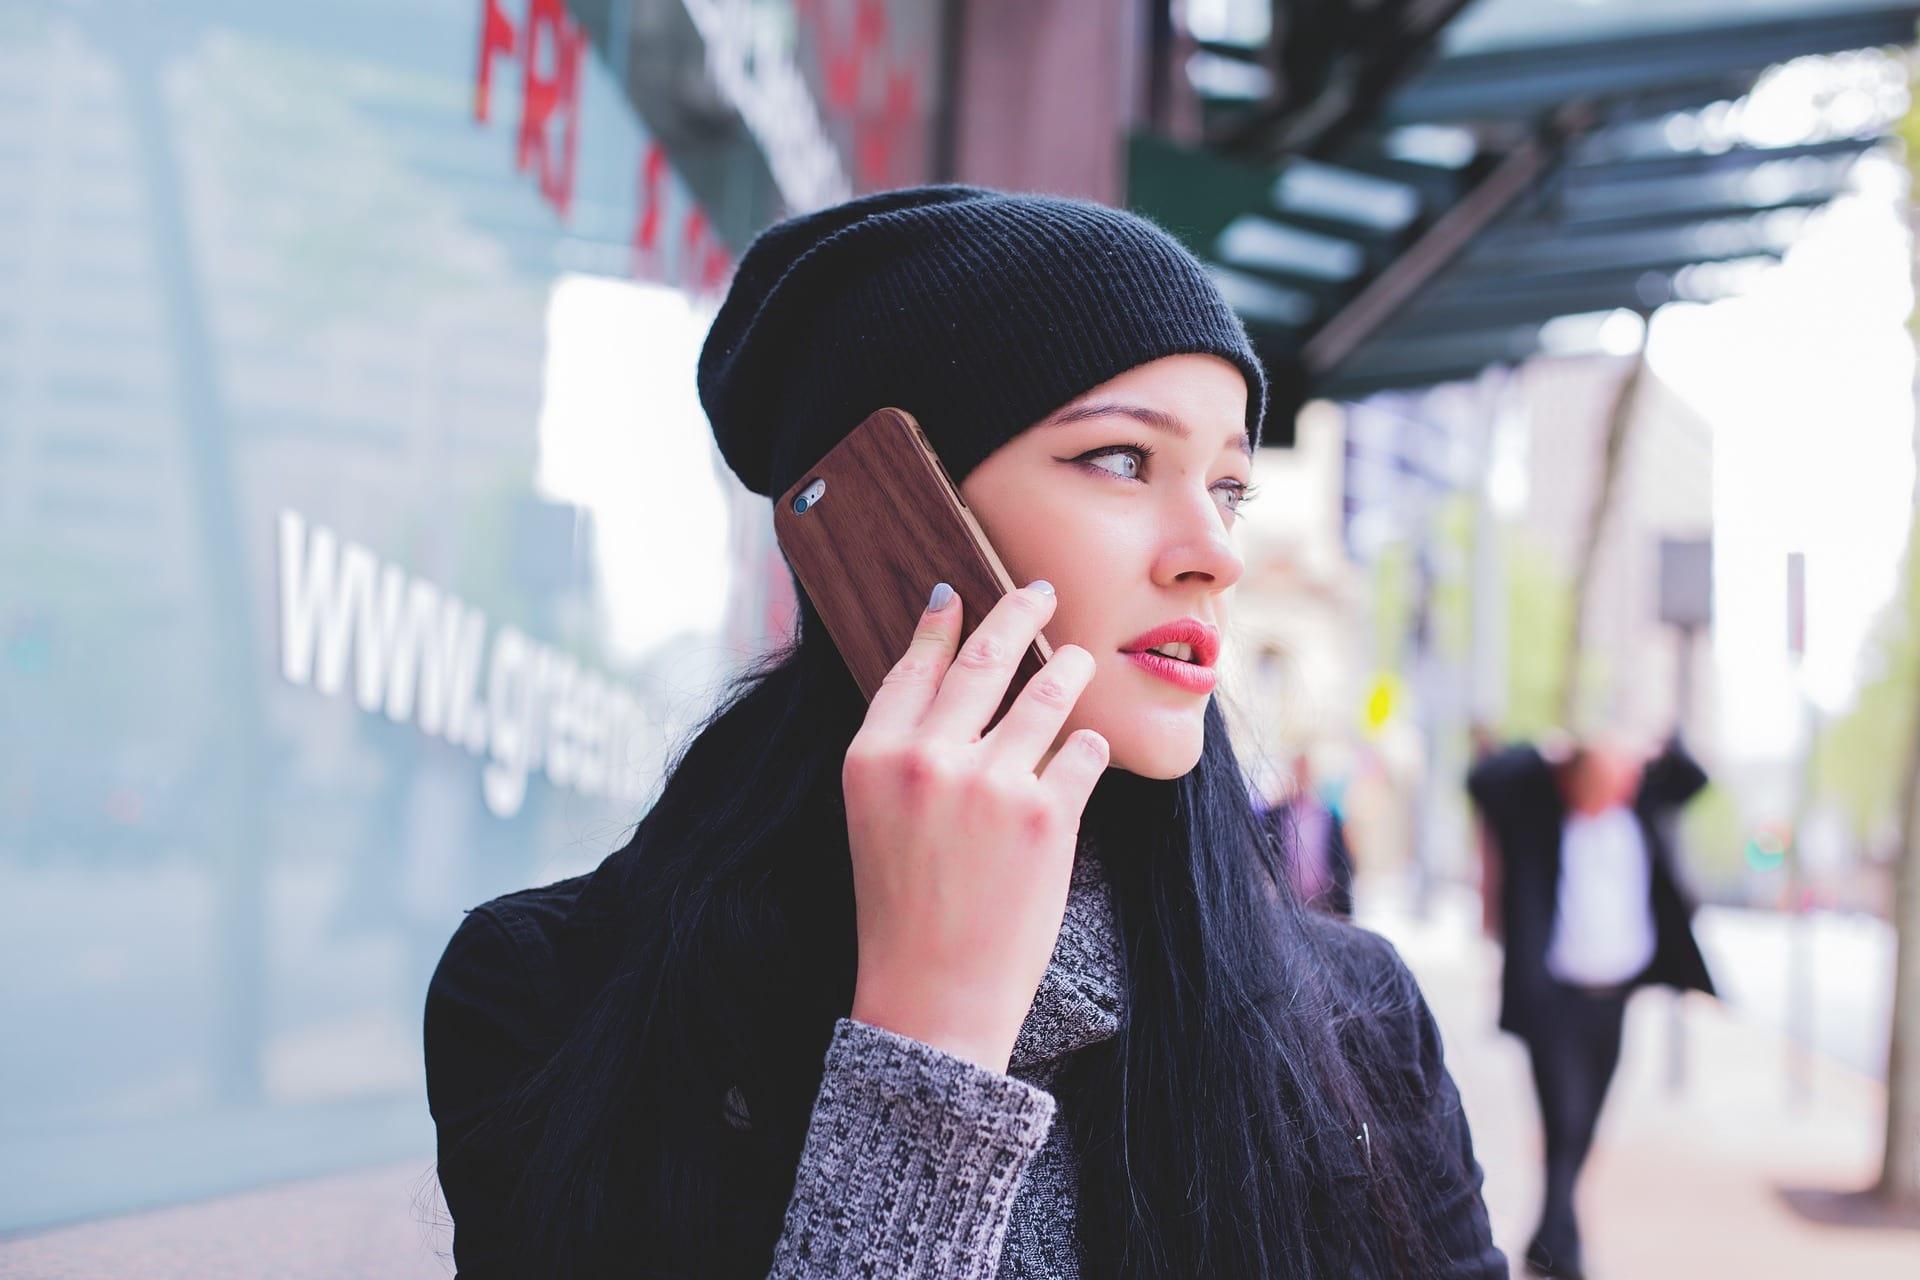 girl on phone near doctor   HealthCare.com